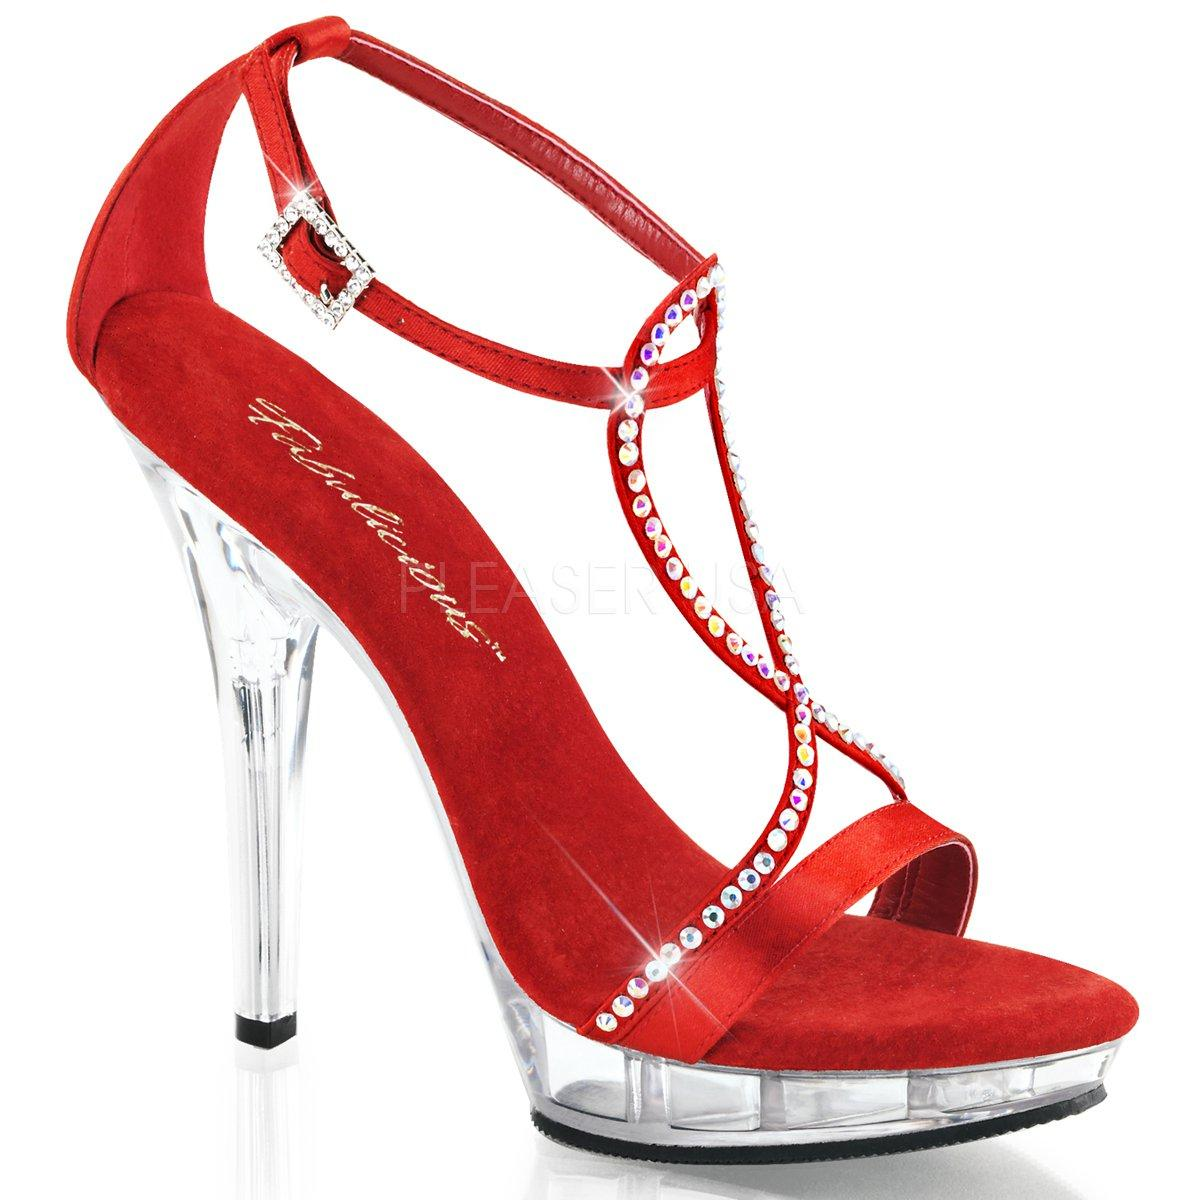 LIP-156 Červené společenské sandálky s páskem přes nárt zdobeným kamínky a112e6f16c